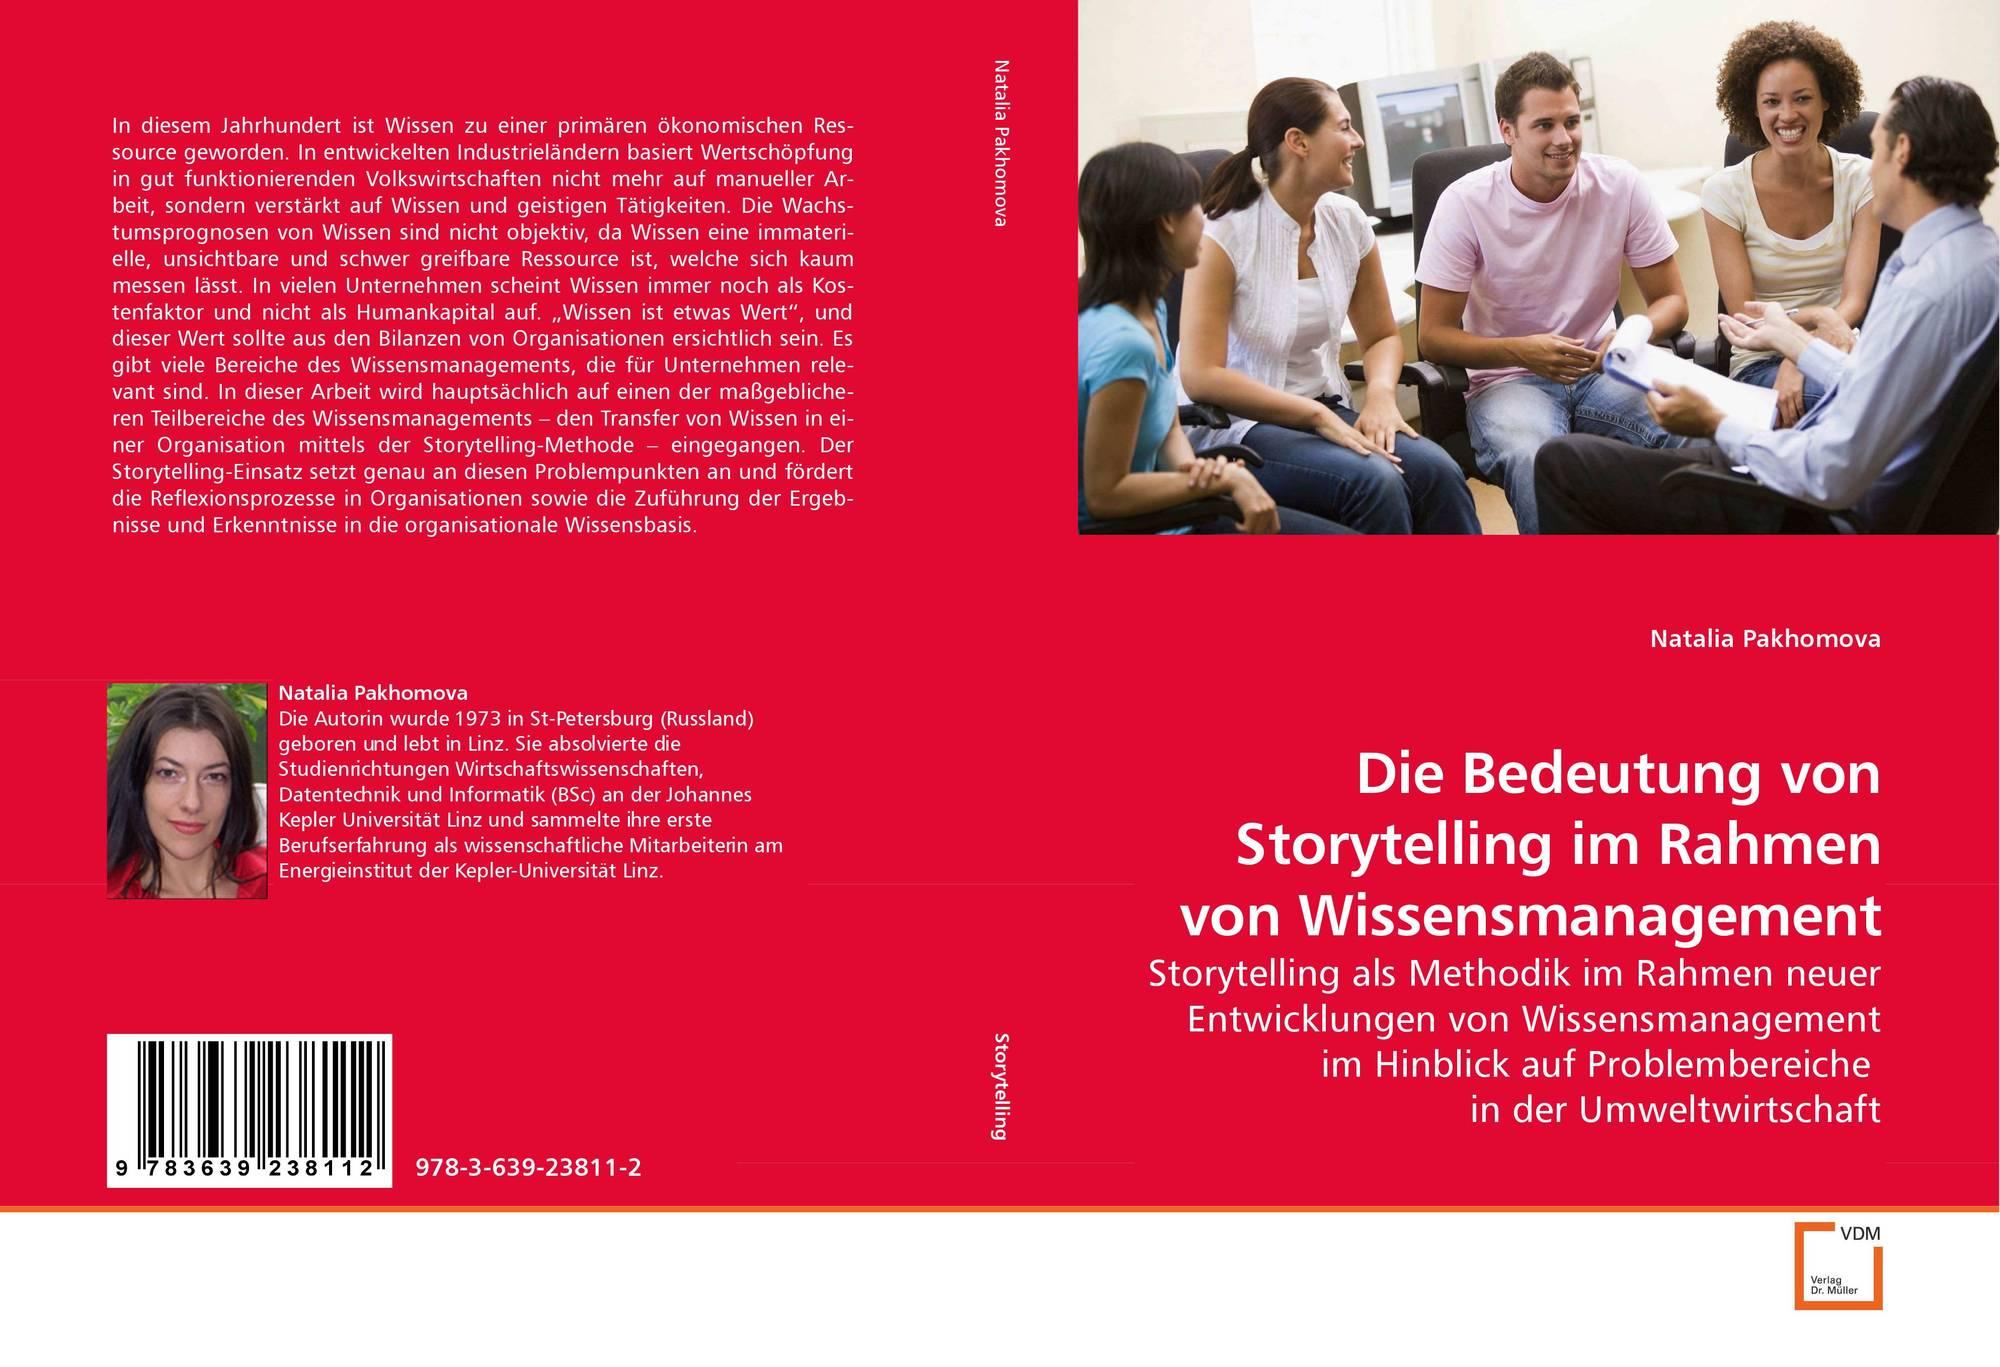 Die Bedeutung von Storytelling im Rahmen von Wissensmanagement, 978 ...